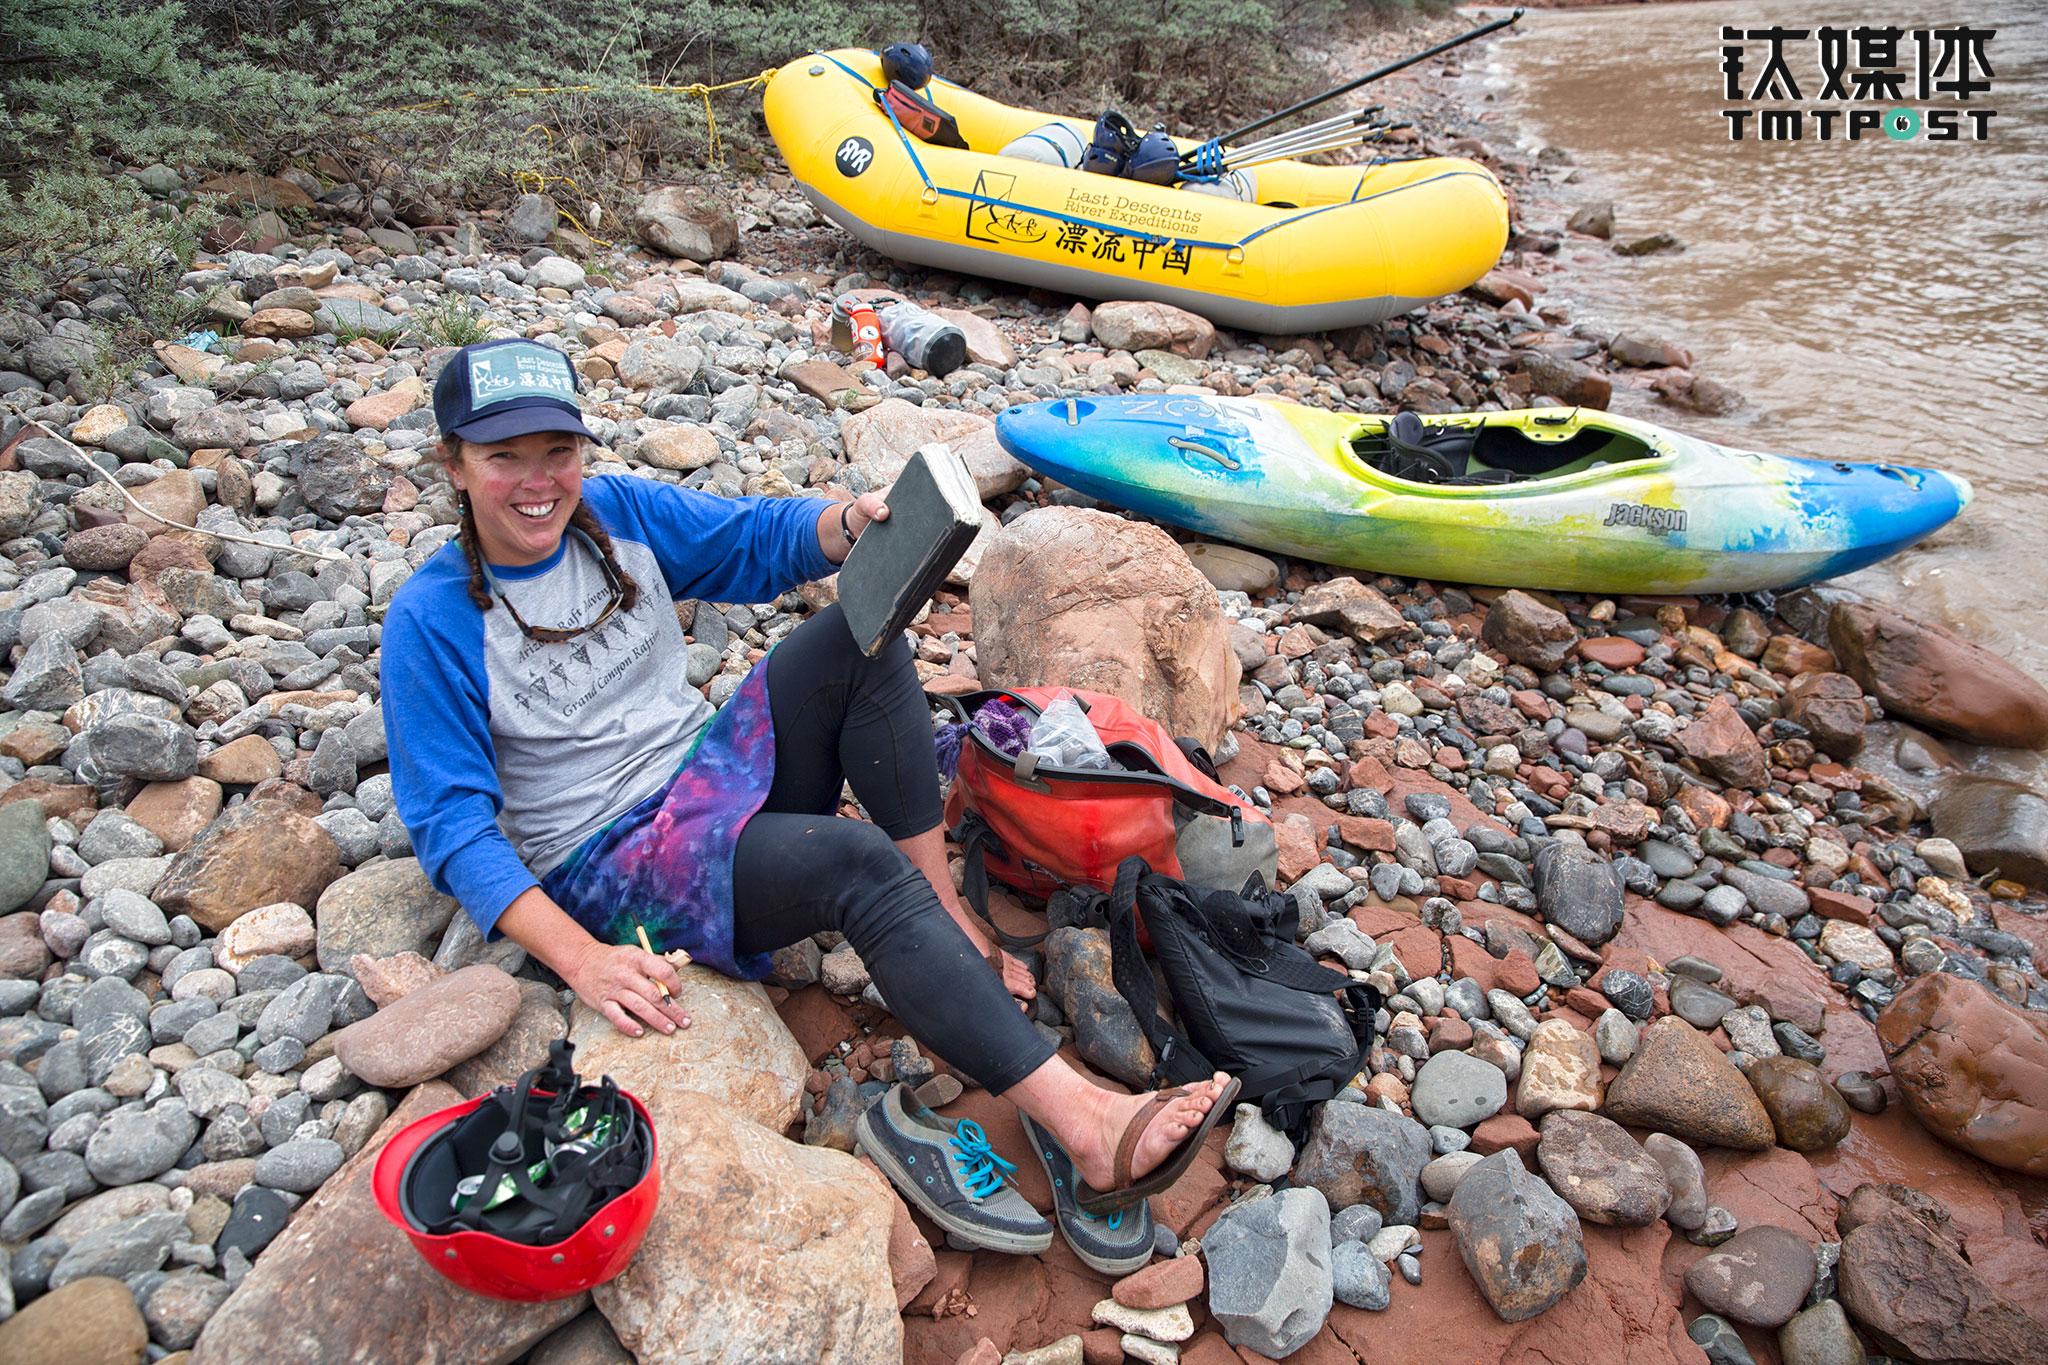 """女船长Kellie是一个非常开朗的美国姑娘,她漂过的河流里,""""原始独特又神秘""""的扎曲是她心目中最美的河段。她每年都在中美两国的河流上往返,她认为每条河流都有神的存在,河流的力量远远高于人的力量,每一个漂流者都应该尊重河流。Kelli非常热爱河流上的生活和工作,""""世界上最美丽的地方,是我的办公室,我不会拿这样的生活跟世界上任何事情交换""""。"""